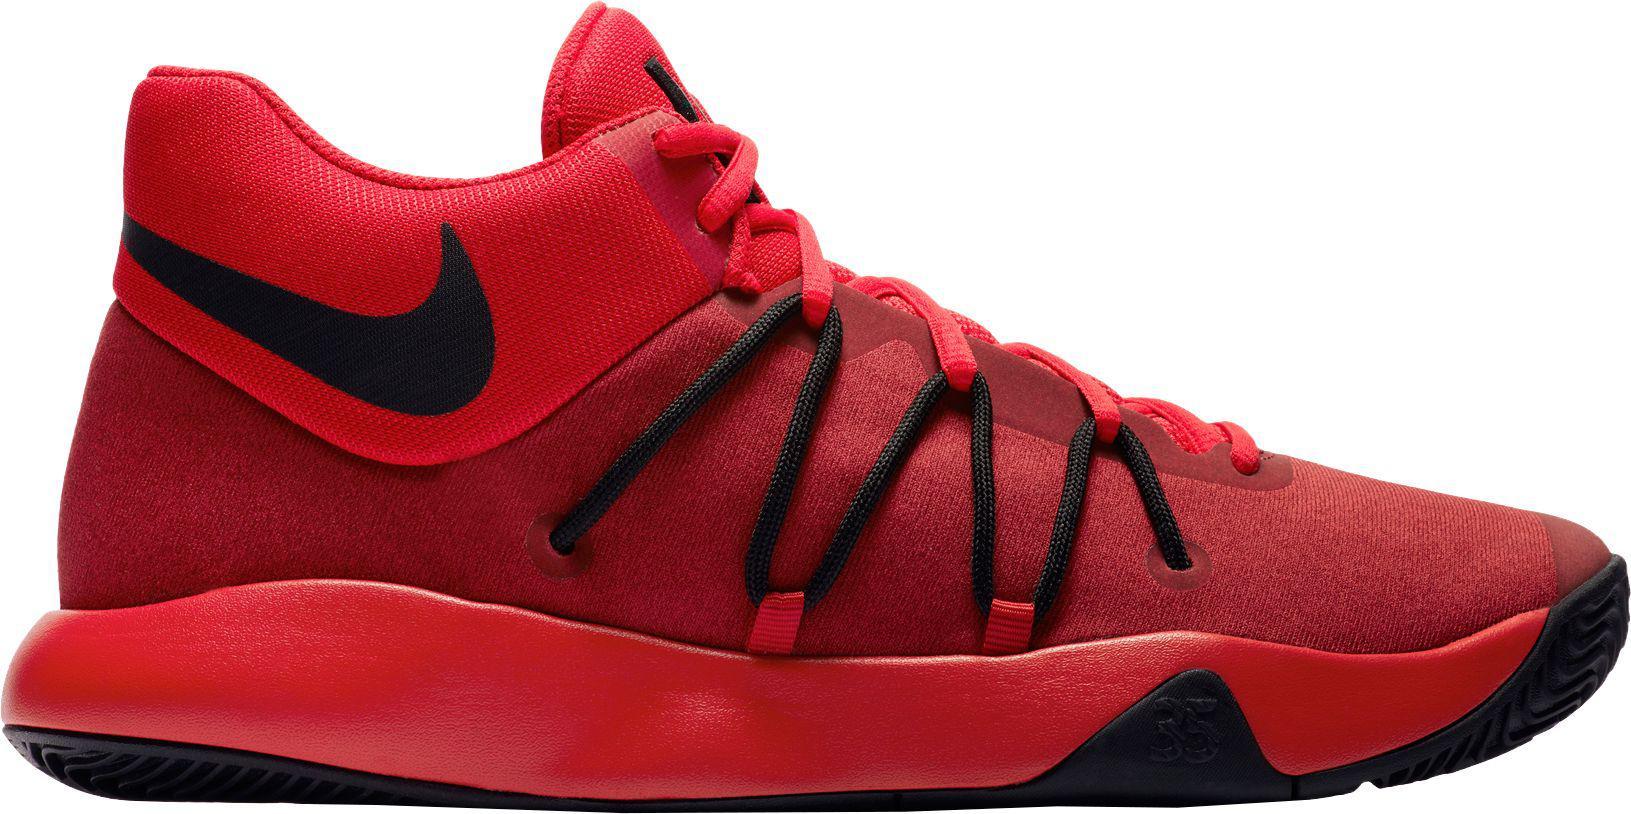 Lyst Nike Kd V Zapatillas De Baloncesto De Trey Hombres 5 En Rojo Para Hombres Trey f91f4b